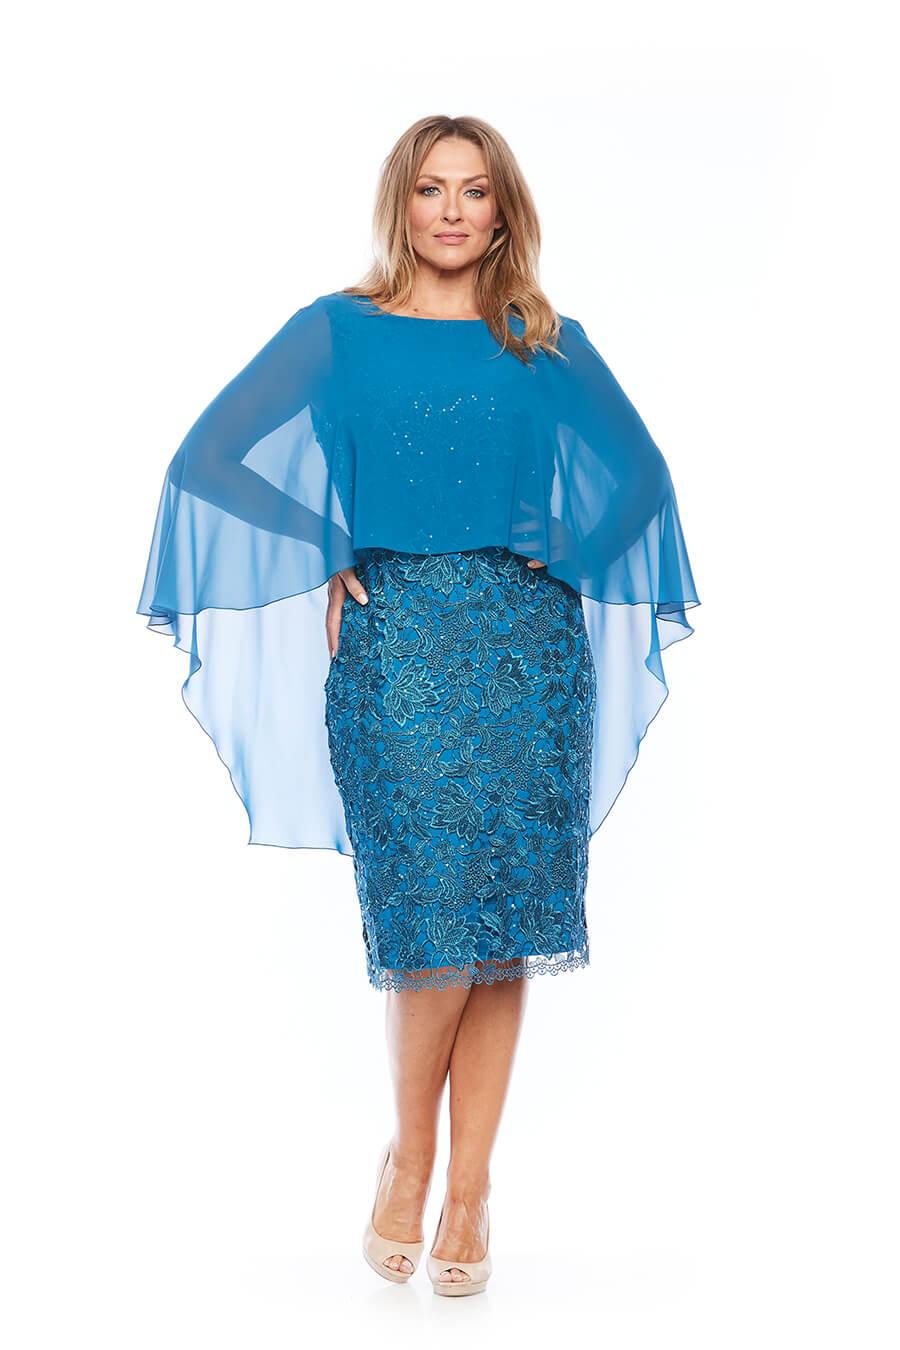 Shop Plus Size Clothing   WOMEN\'S PLUS SIZE FASHIONS